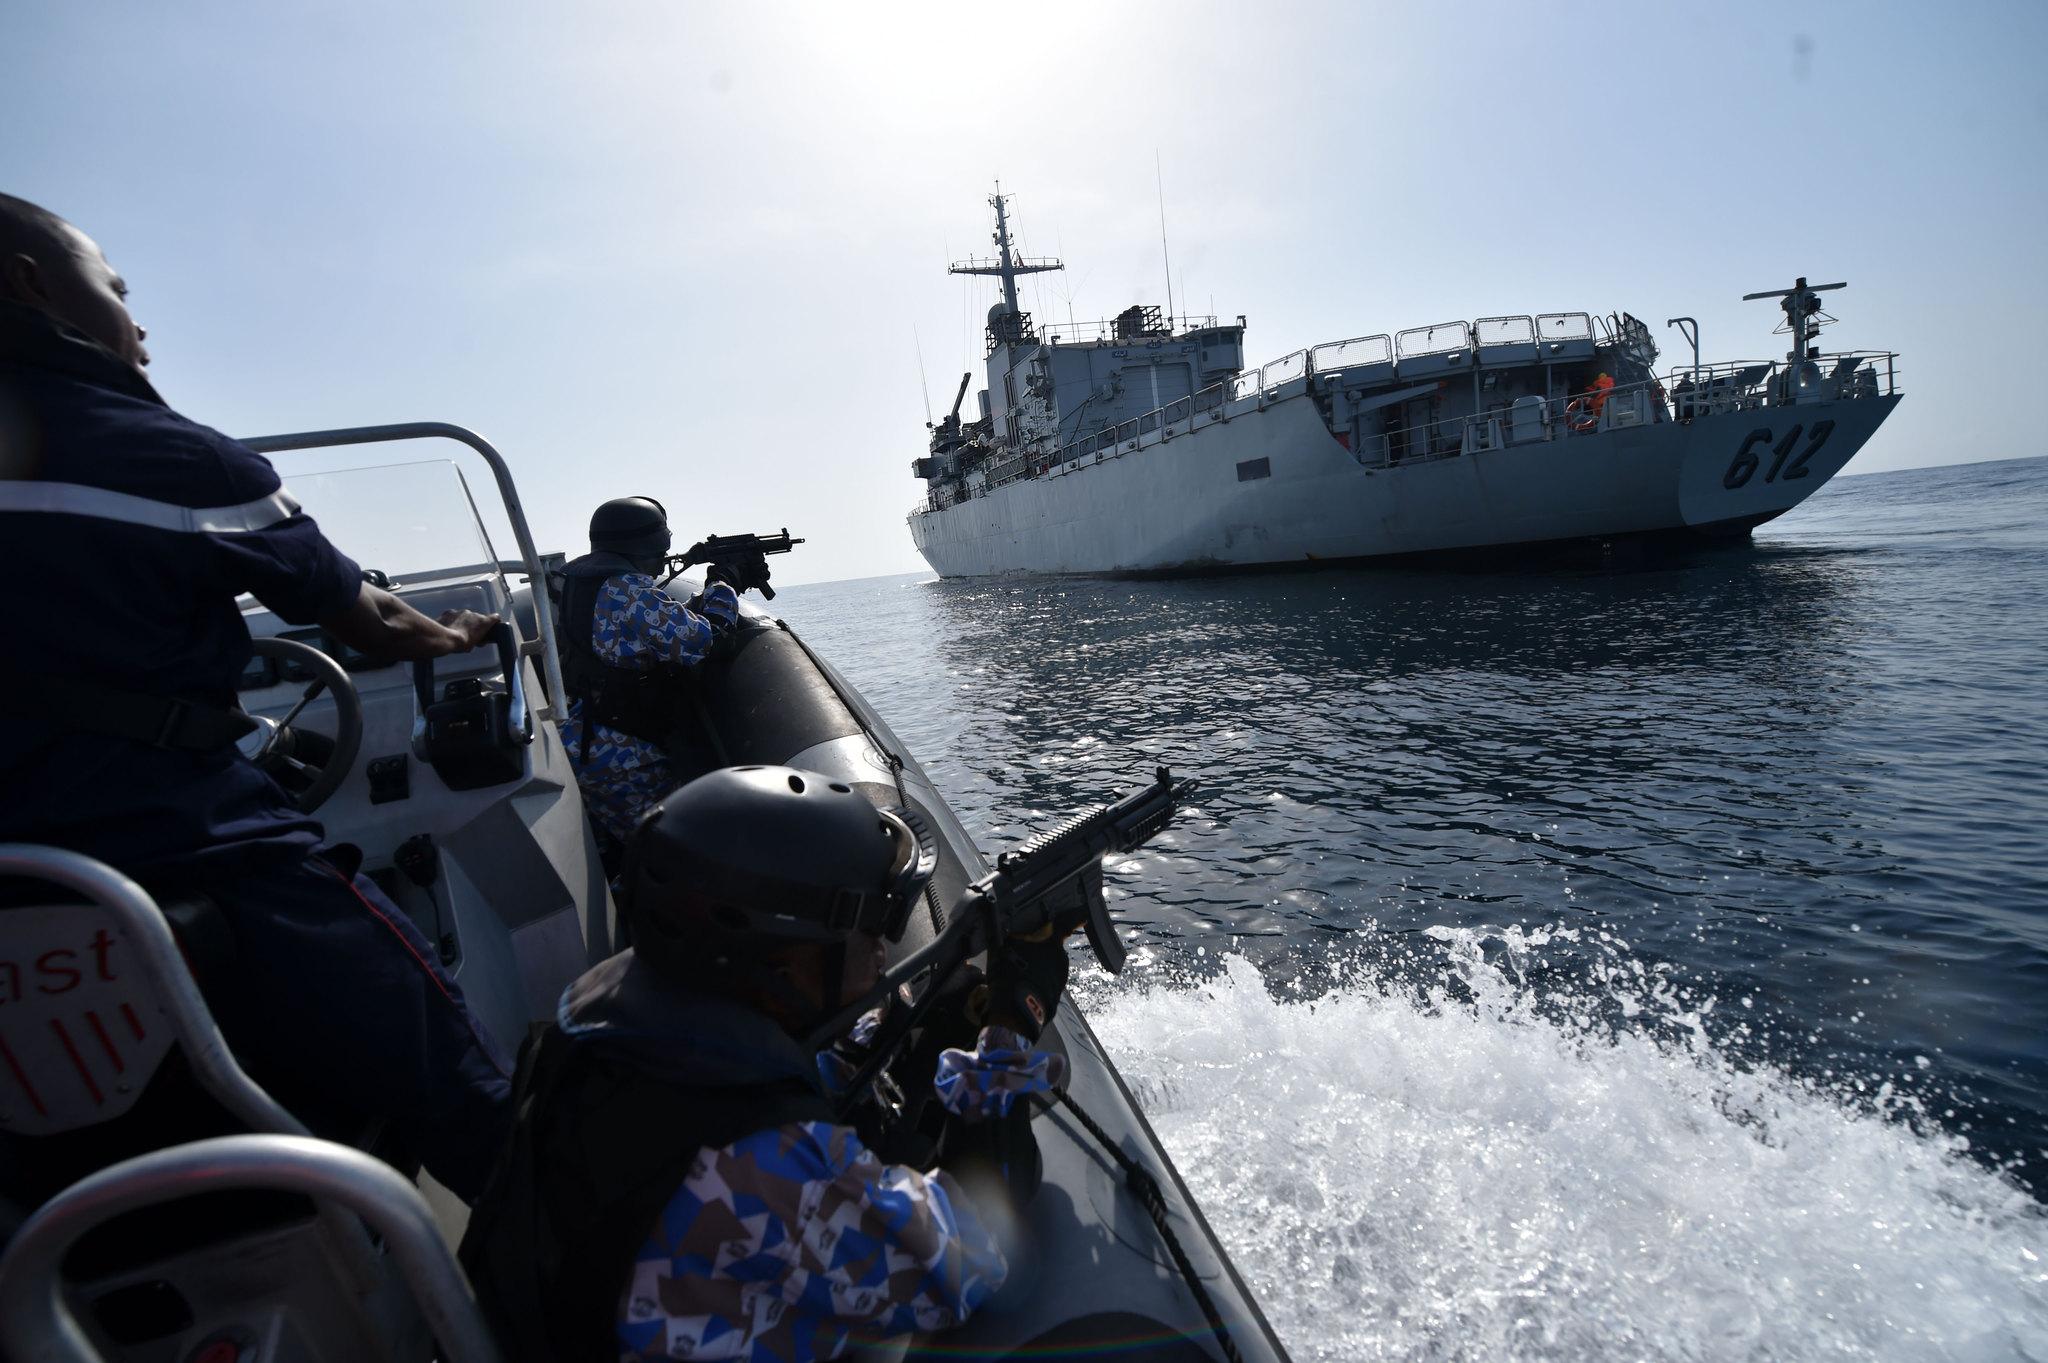 Royal Moroccan Navy Floréal Frigates / Frégates Floréal Marocaines - Page 12 33693192986_5a82690f2b_k